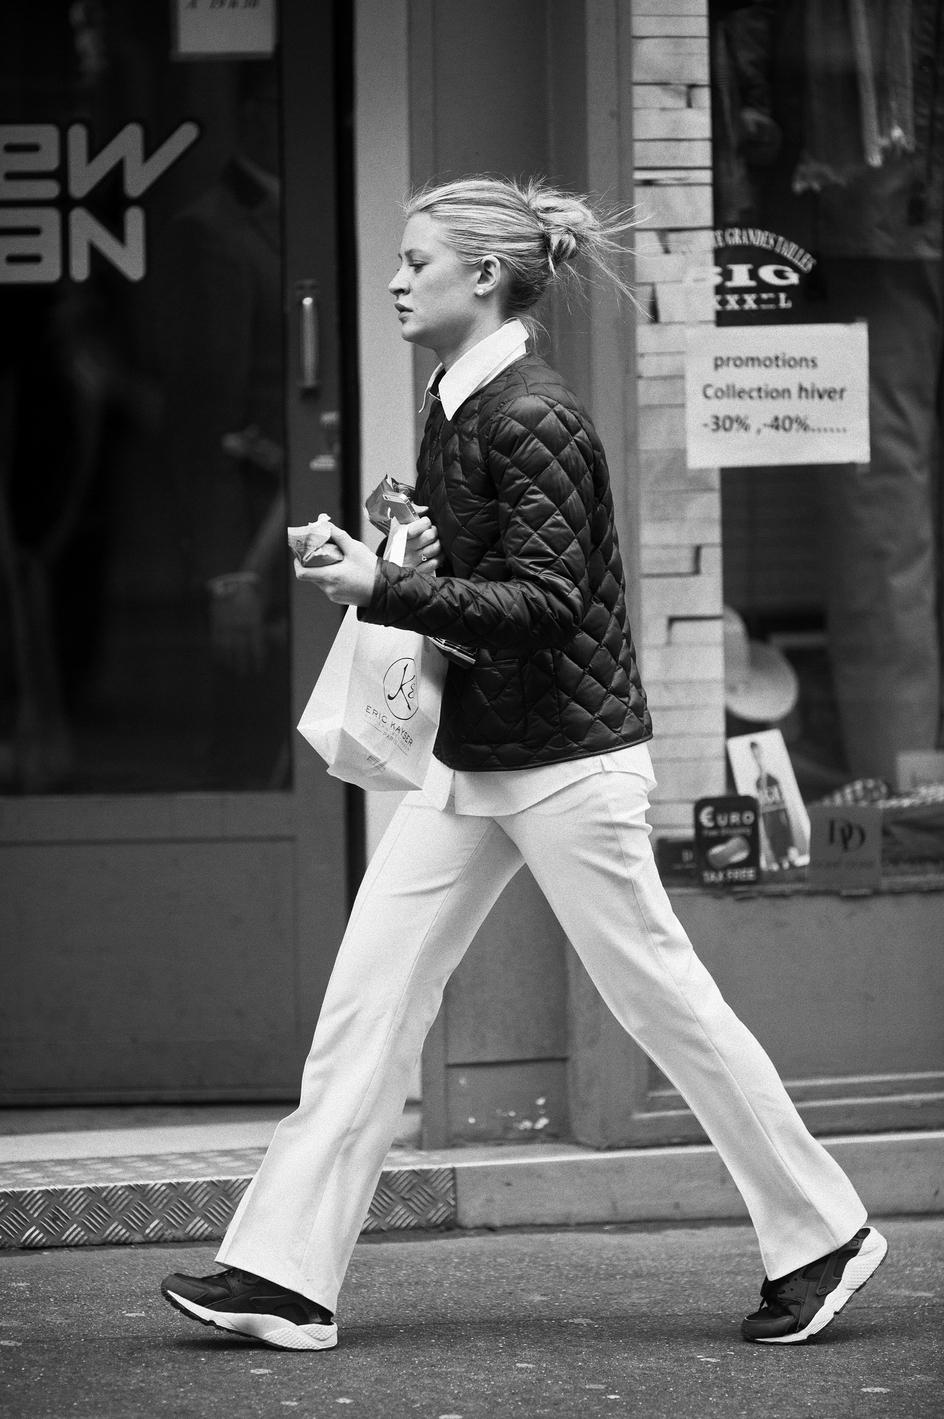 Le jogging blanc